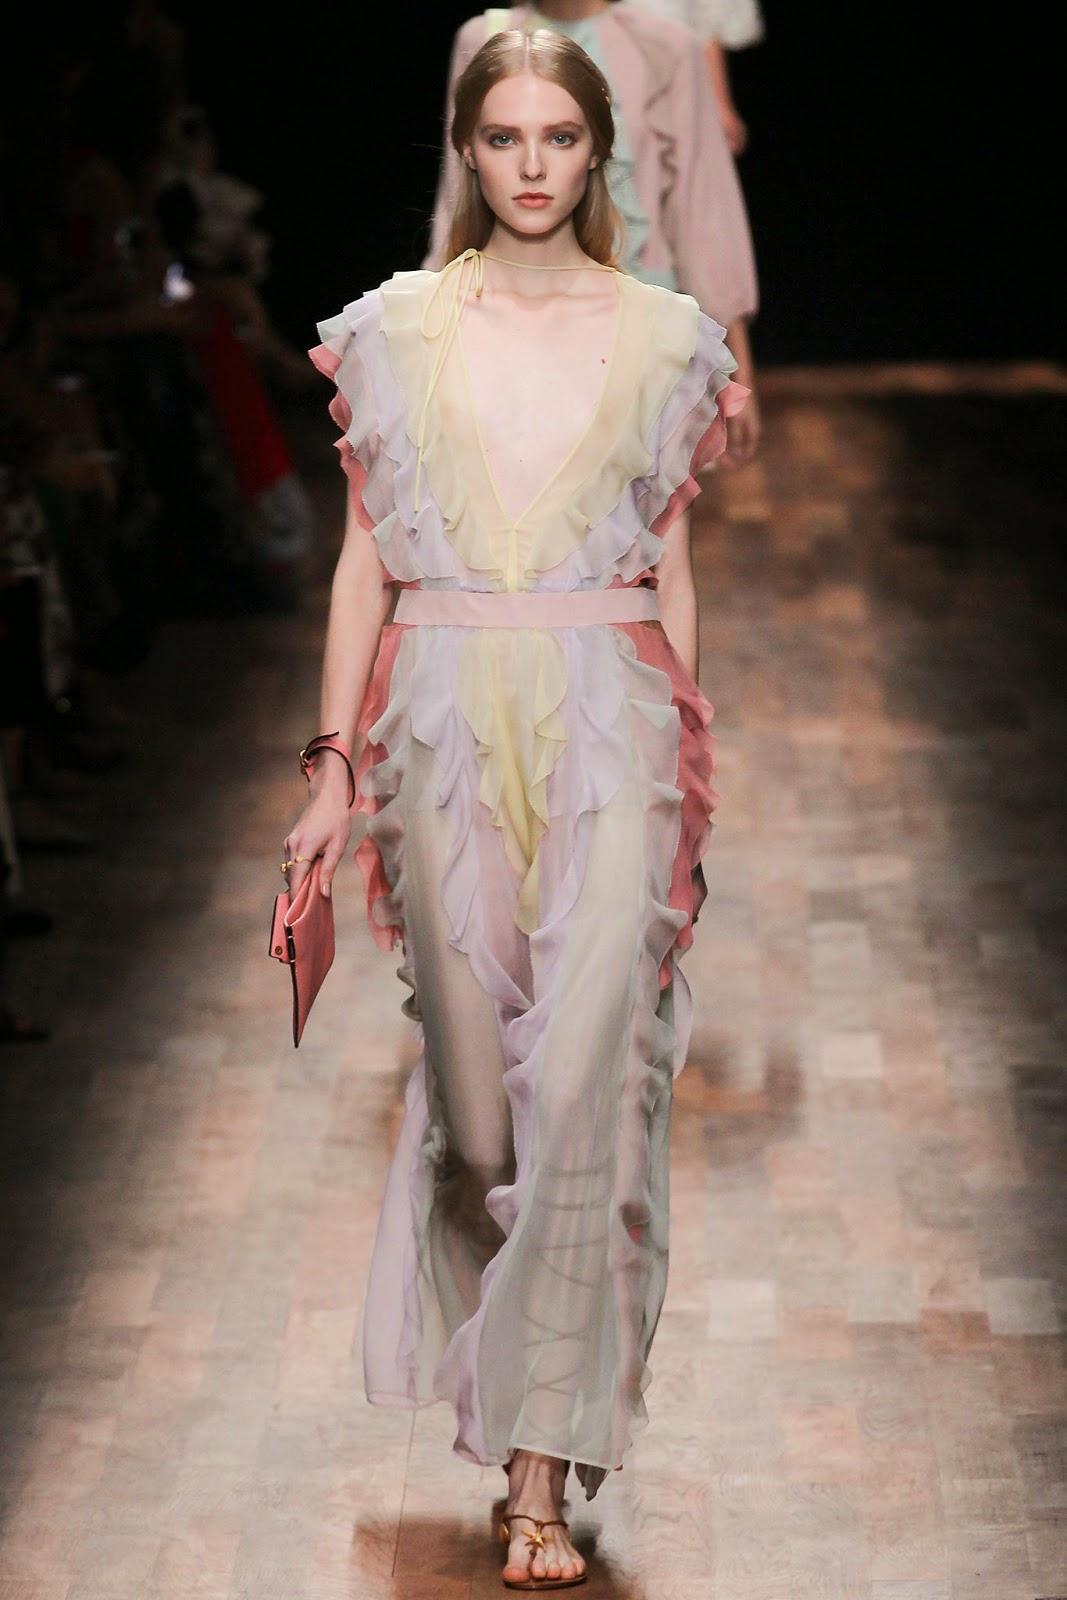 valentino 2015 summer 2016 trend women dress46 Valentino 2015 samling, våren sommaren 2016 Valentino klänning modeller, Valentino kväll klänning nya säsongen kvinnors kjolar modeller